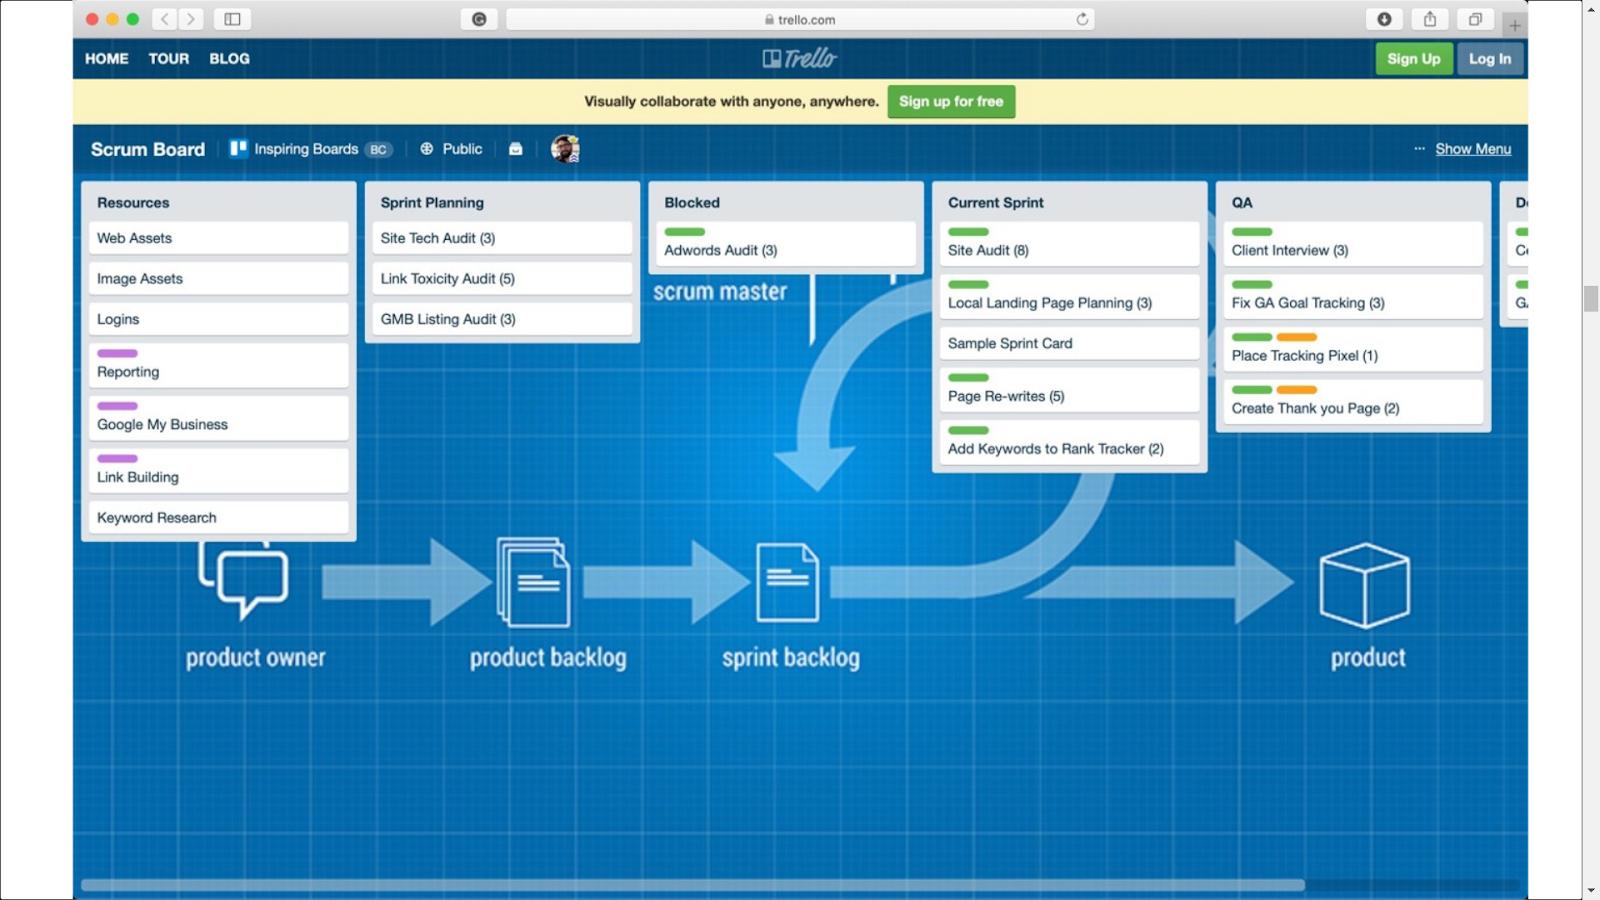 trello software for management skills_luciano castro